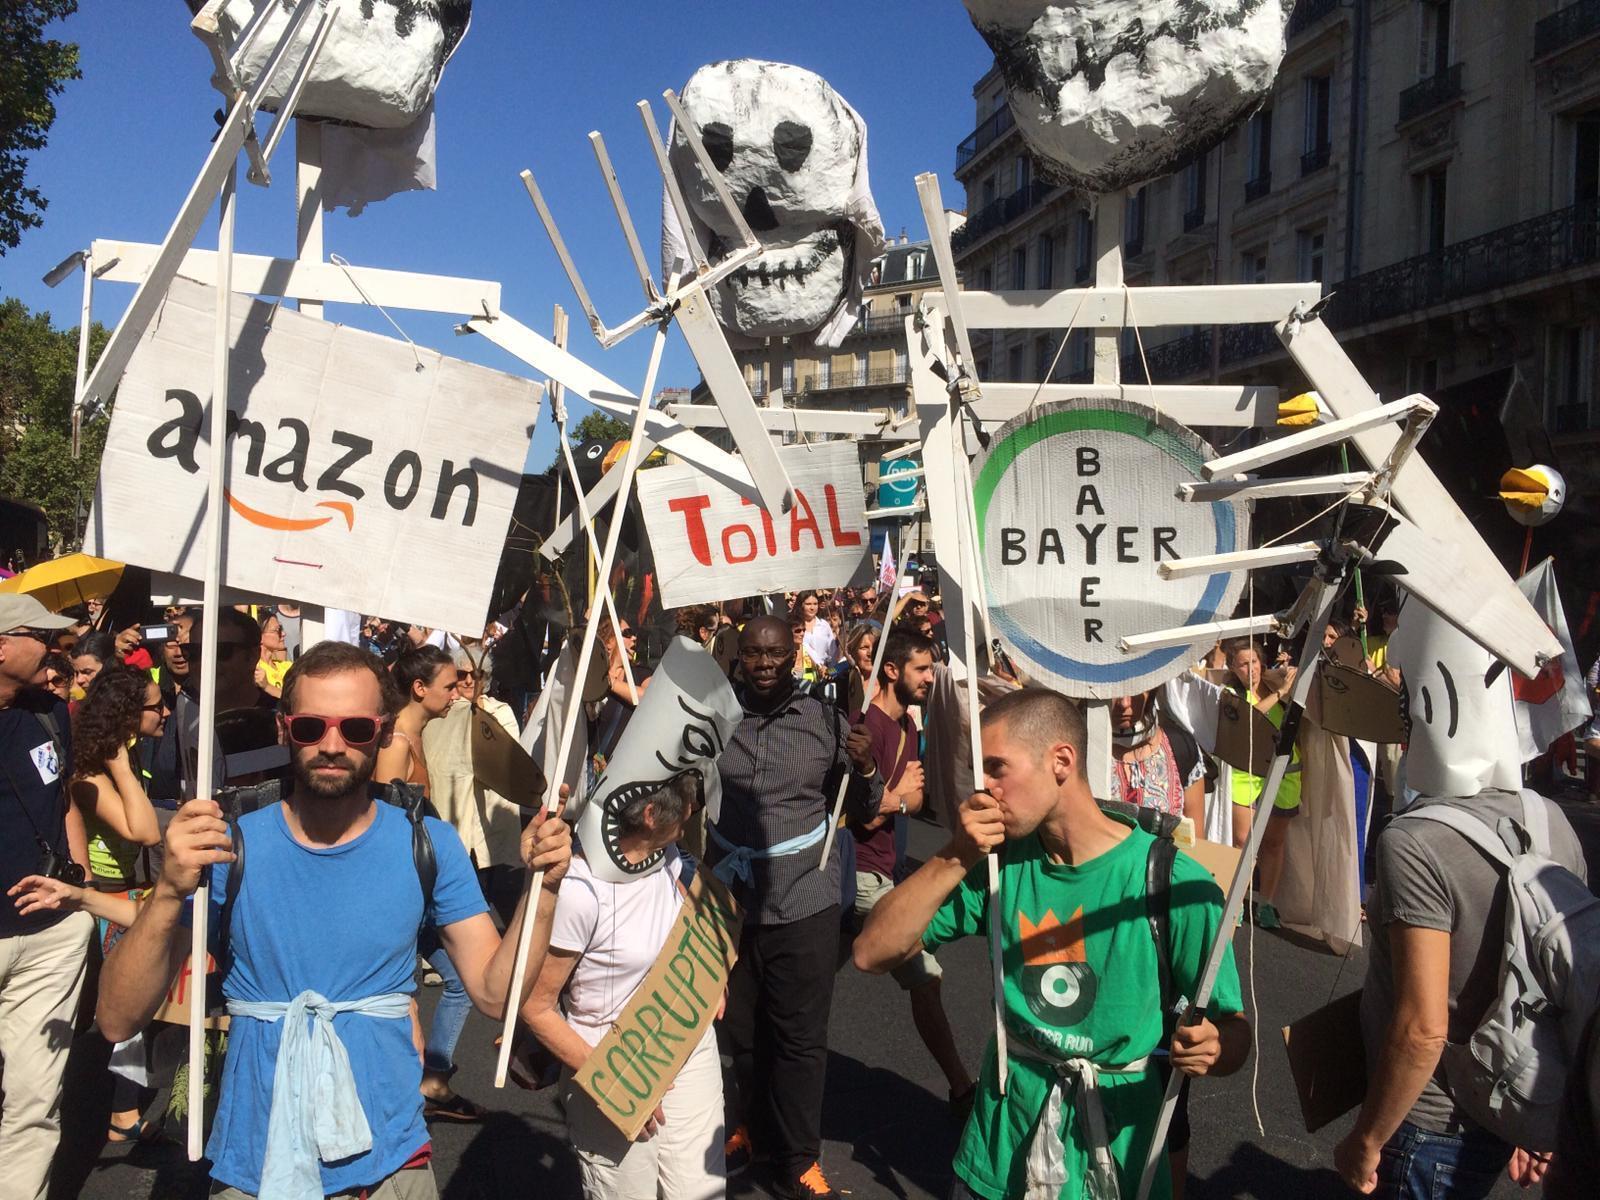 Les manifestants parisiens entendent maintenir la pression sur le gouvernement, au lendemain d'une «grève mondiale pour le climat» historique.